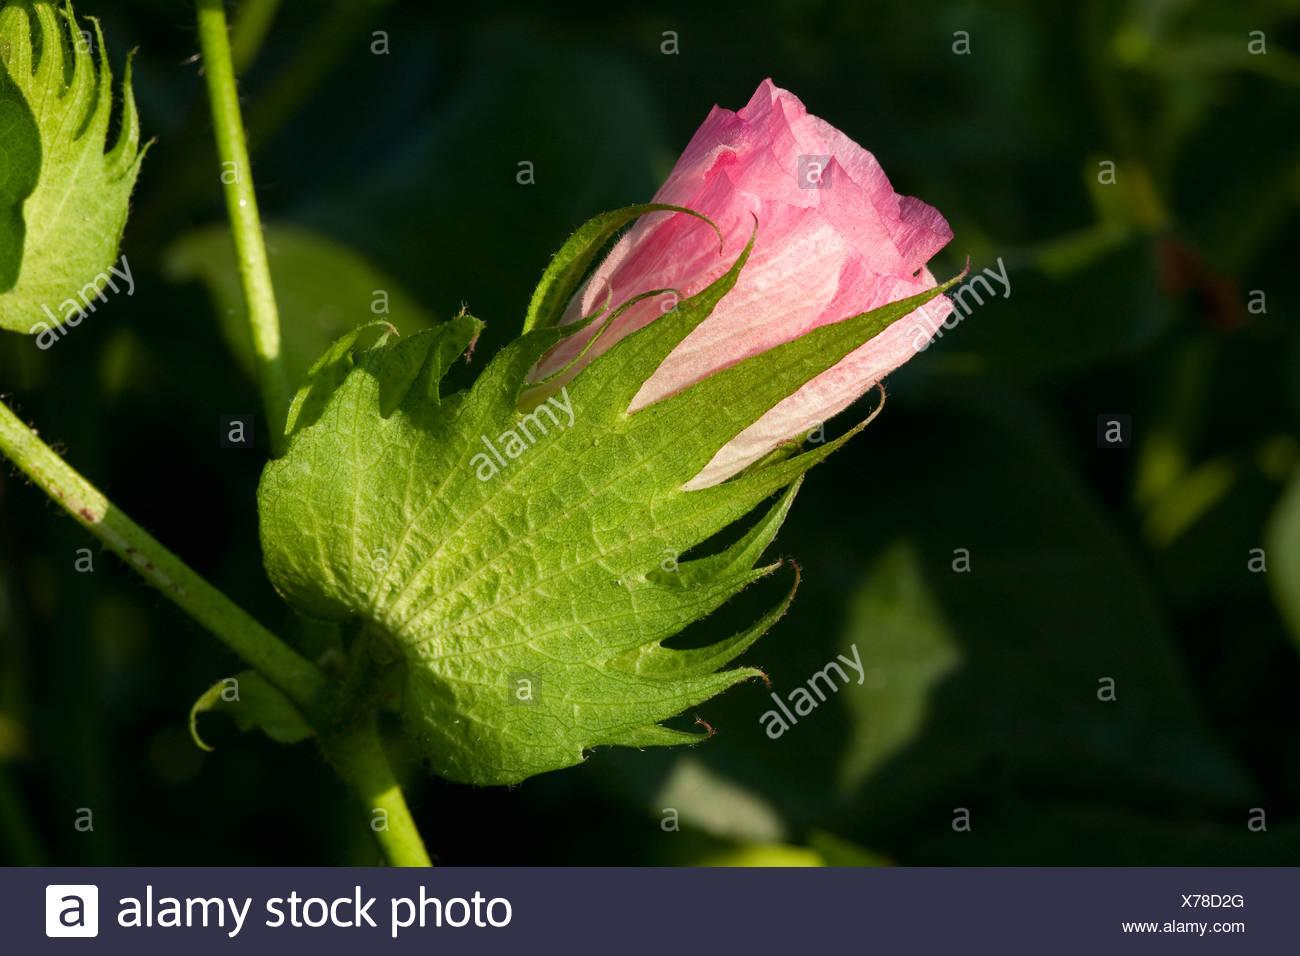 Agriculture - Closeup of a pink blossom sur une croissance moyenne de l'usine de coton / Arkansas, USA. Photo Stock